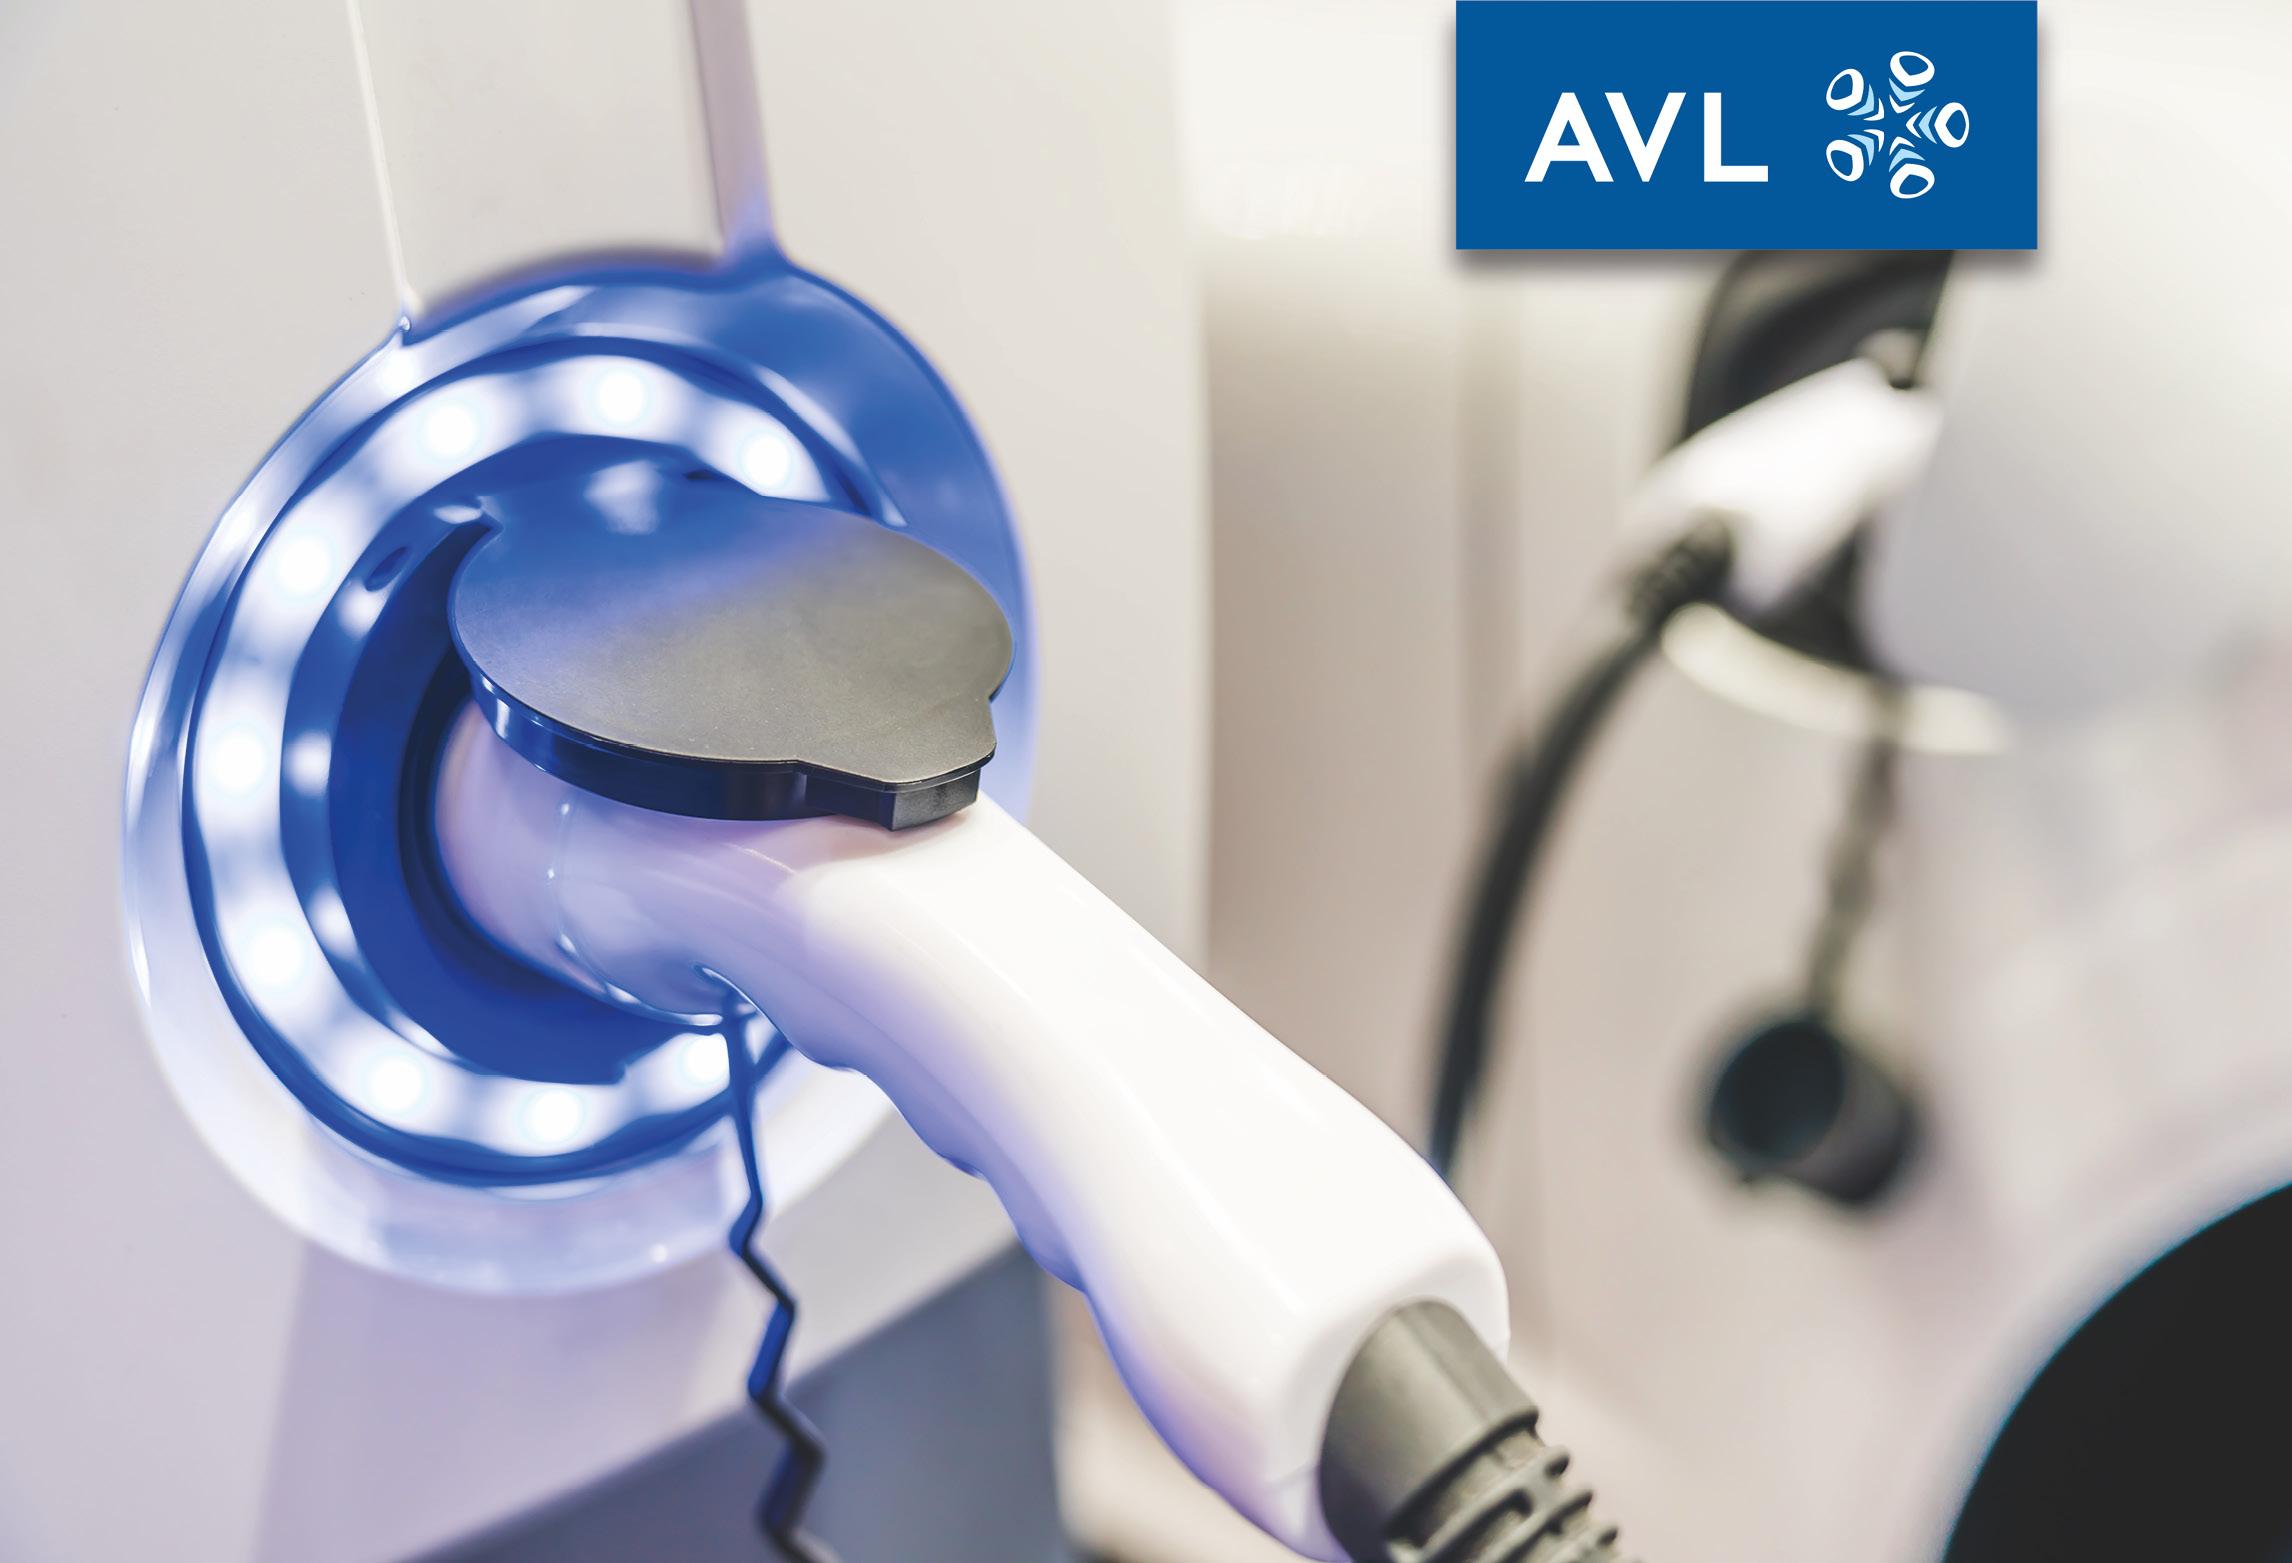 Nahaufnahme elektrische Ladesäule AVL